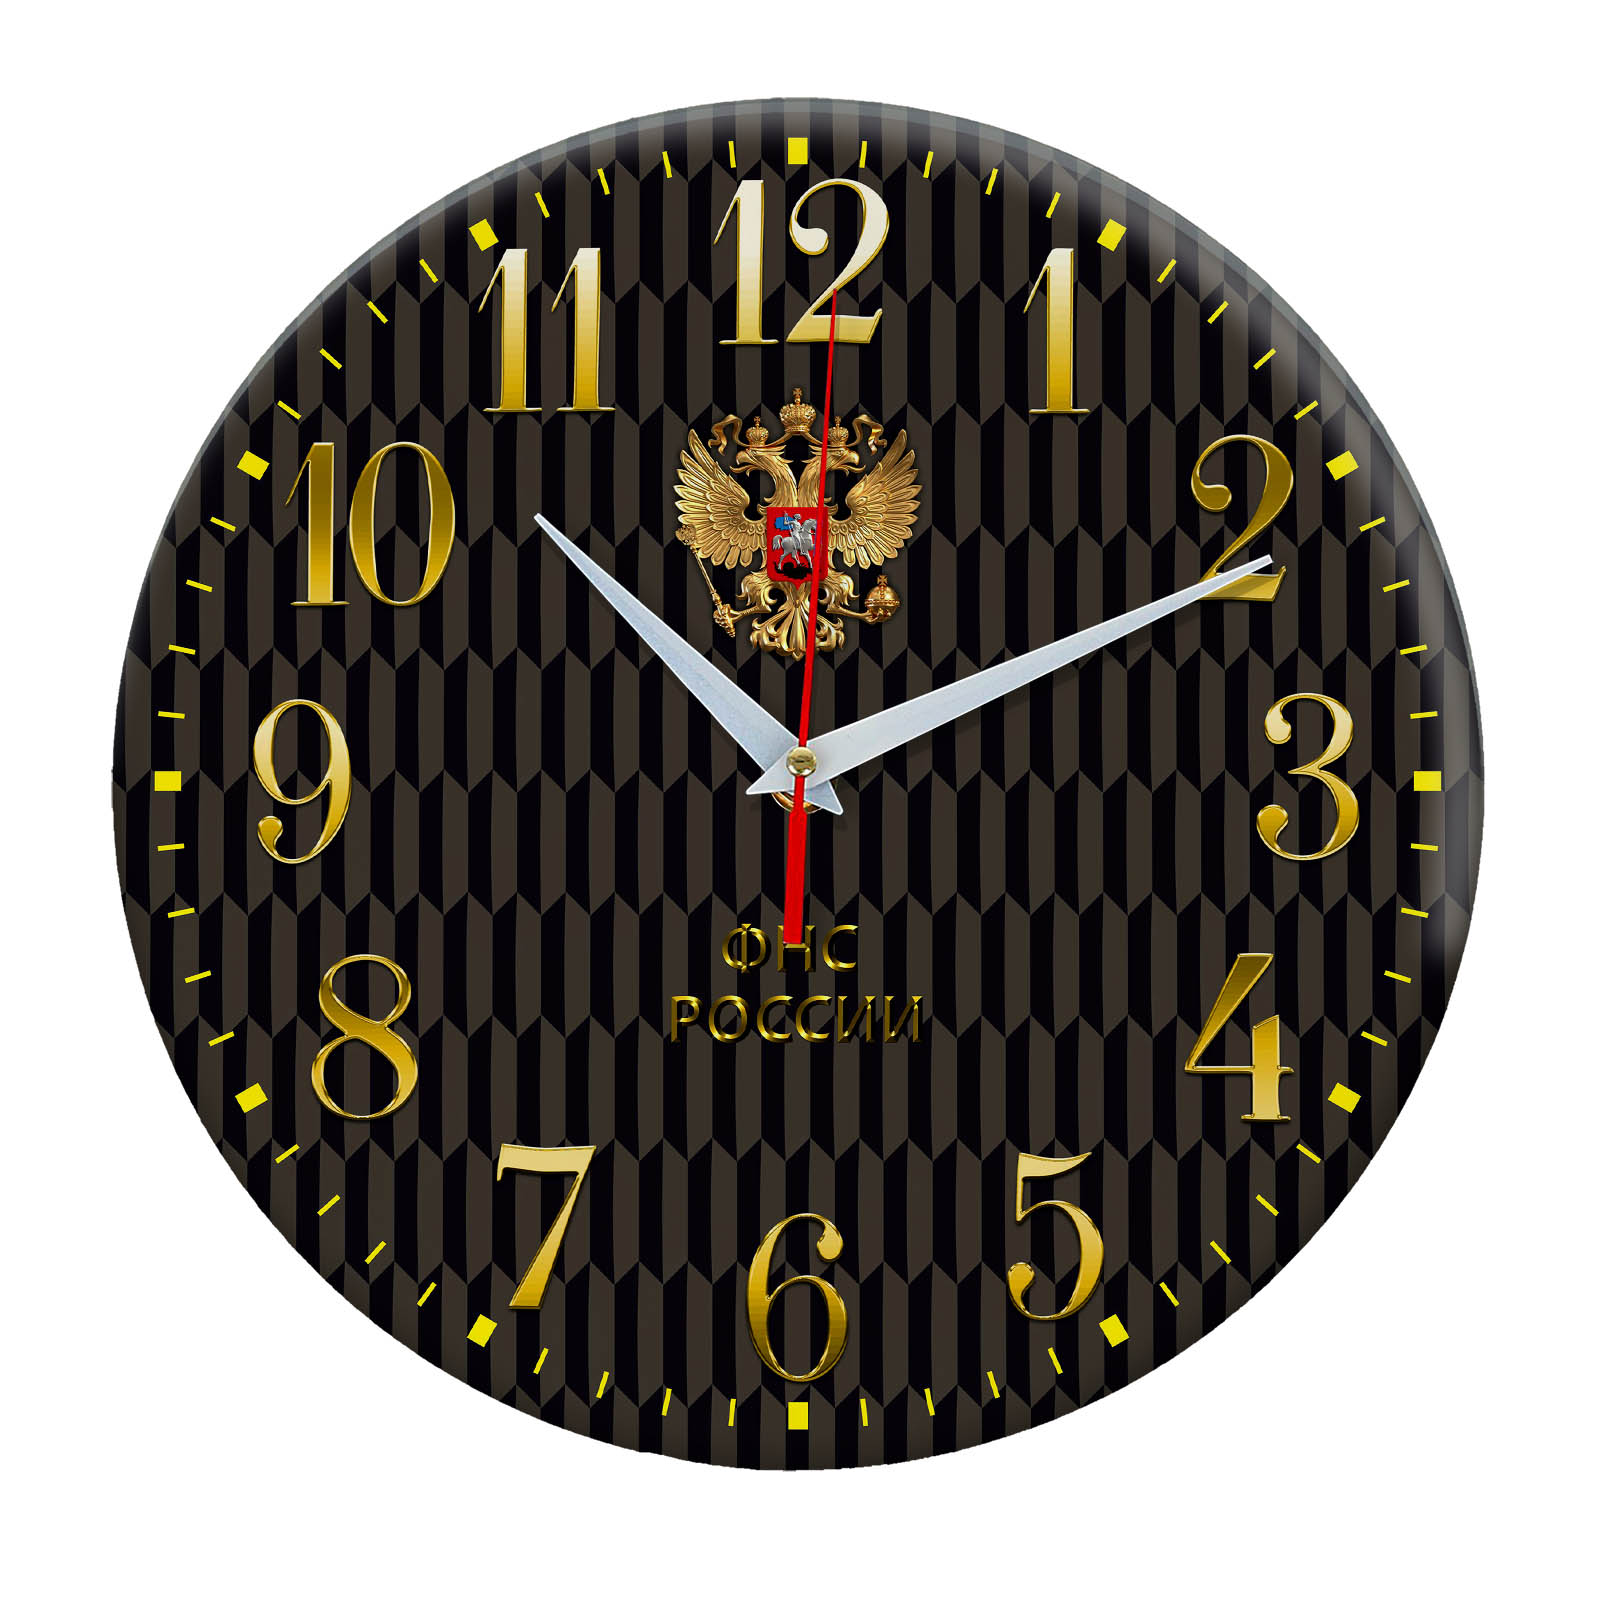 часы - сувенир с символикой ФНС России